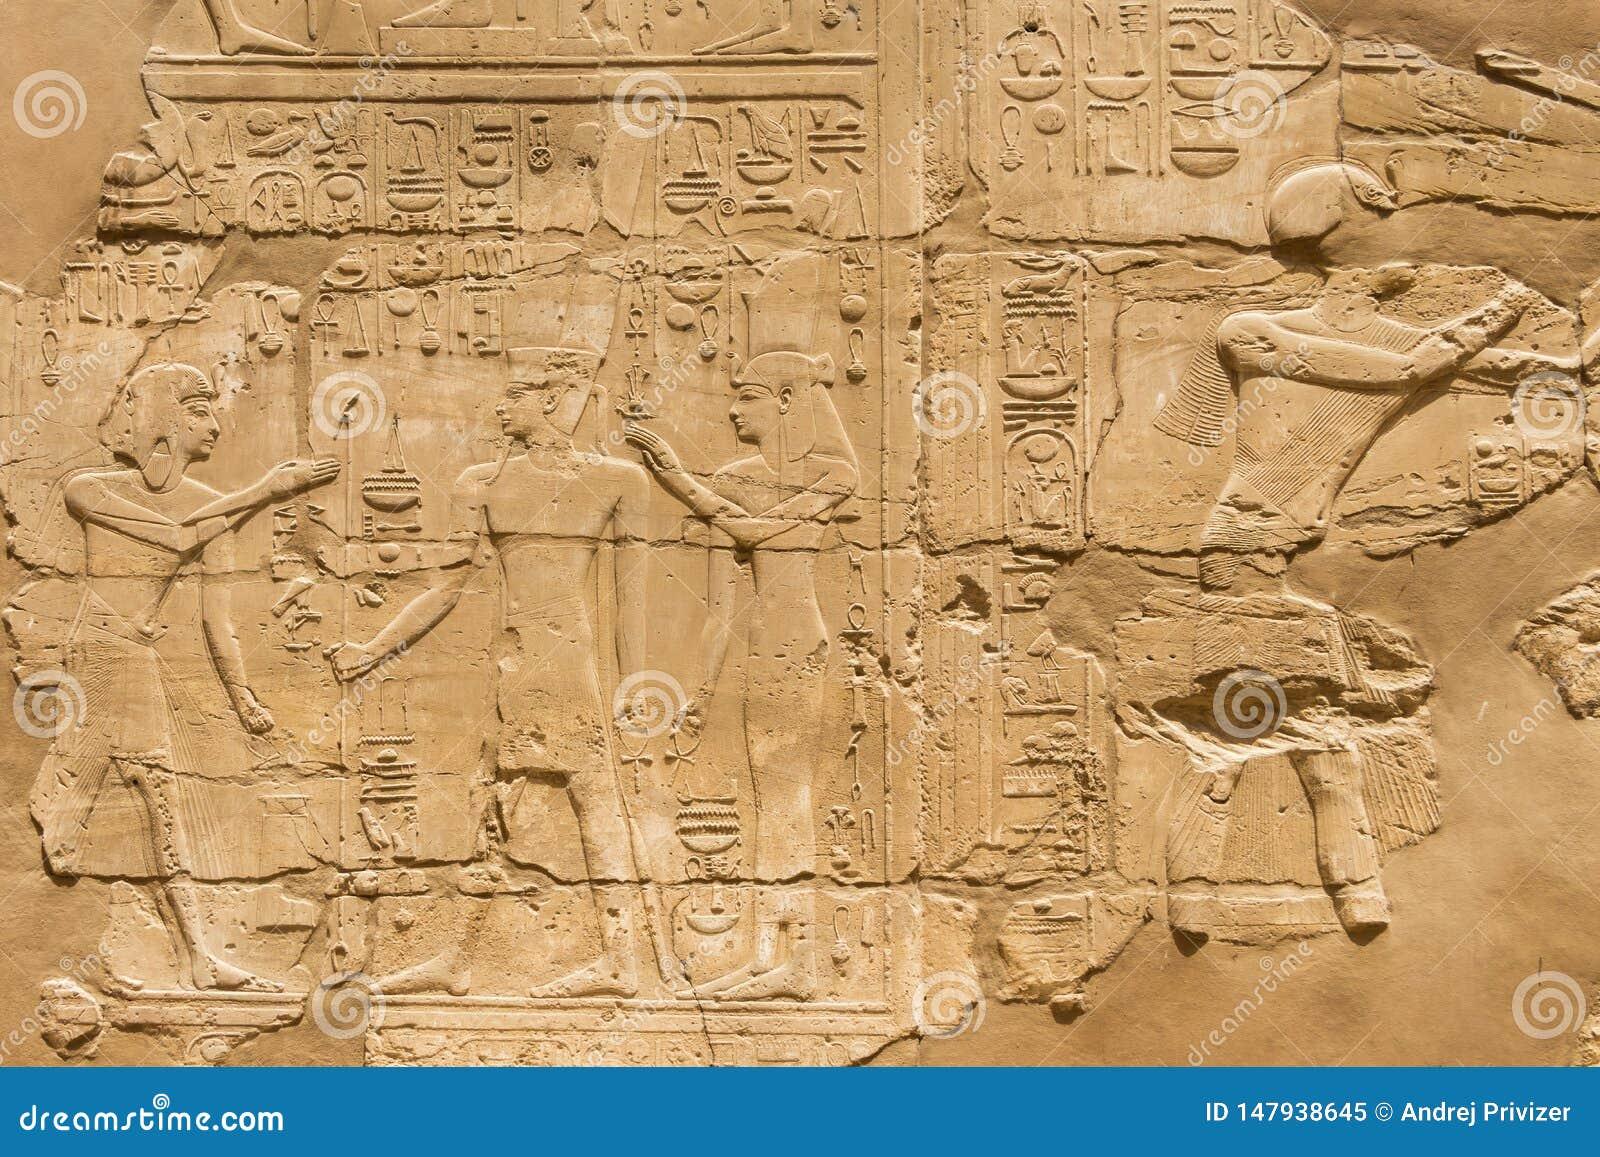 Egipscy hieroglyphics przy Karnak świątynią w Luxor, Egipt